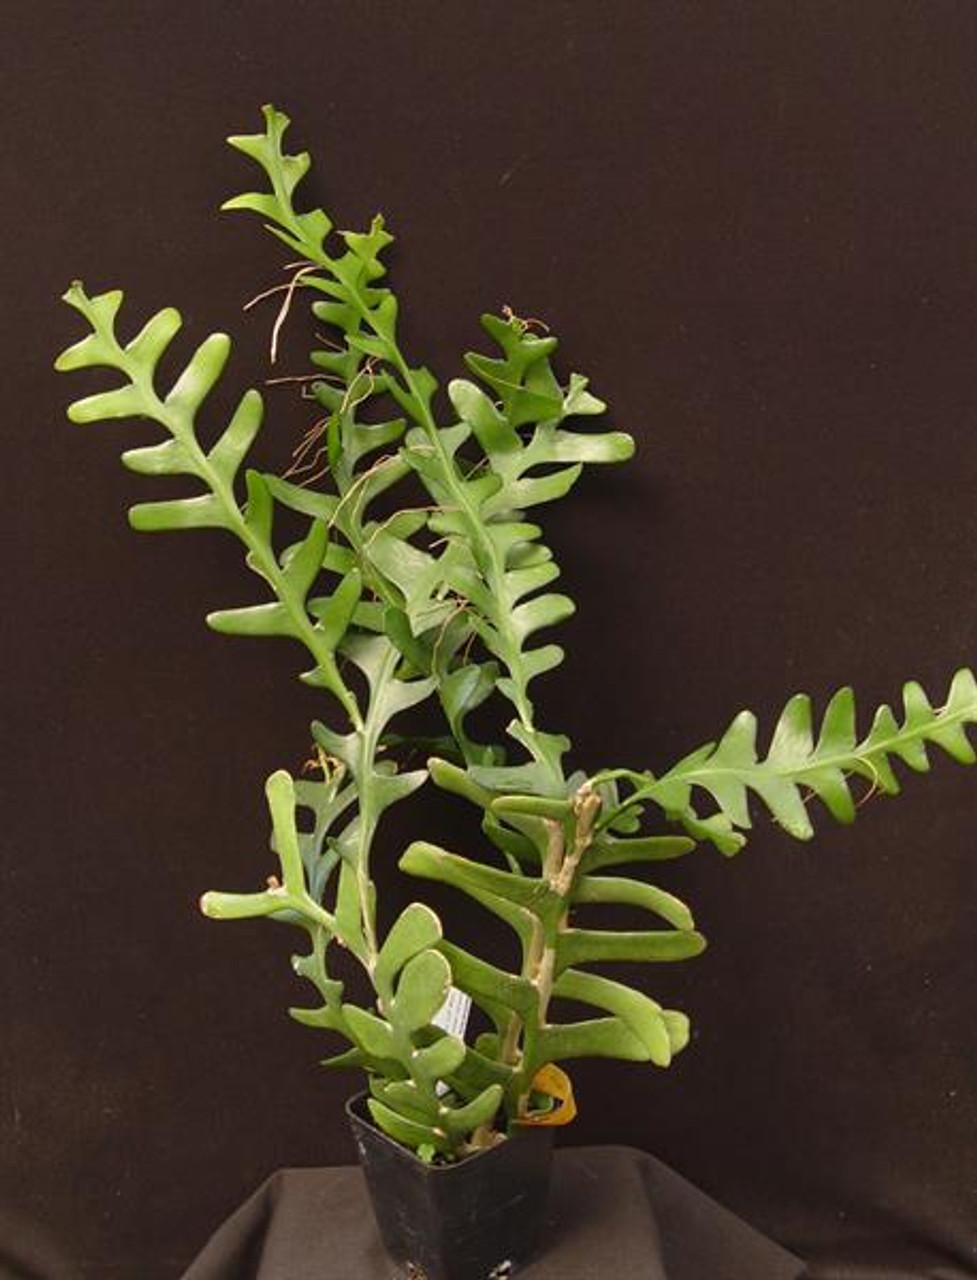 Selenicereus anthonyanus - Fish bone cactus